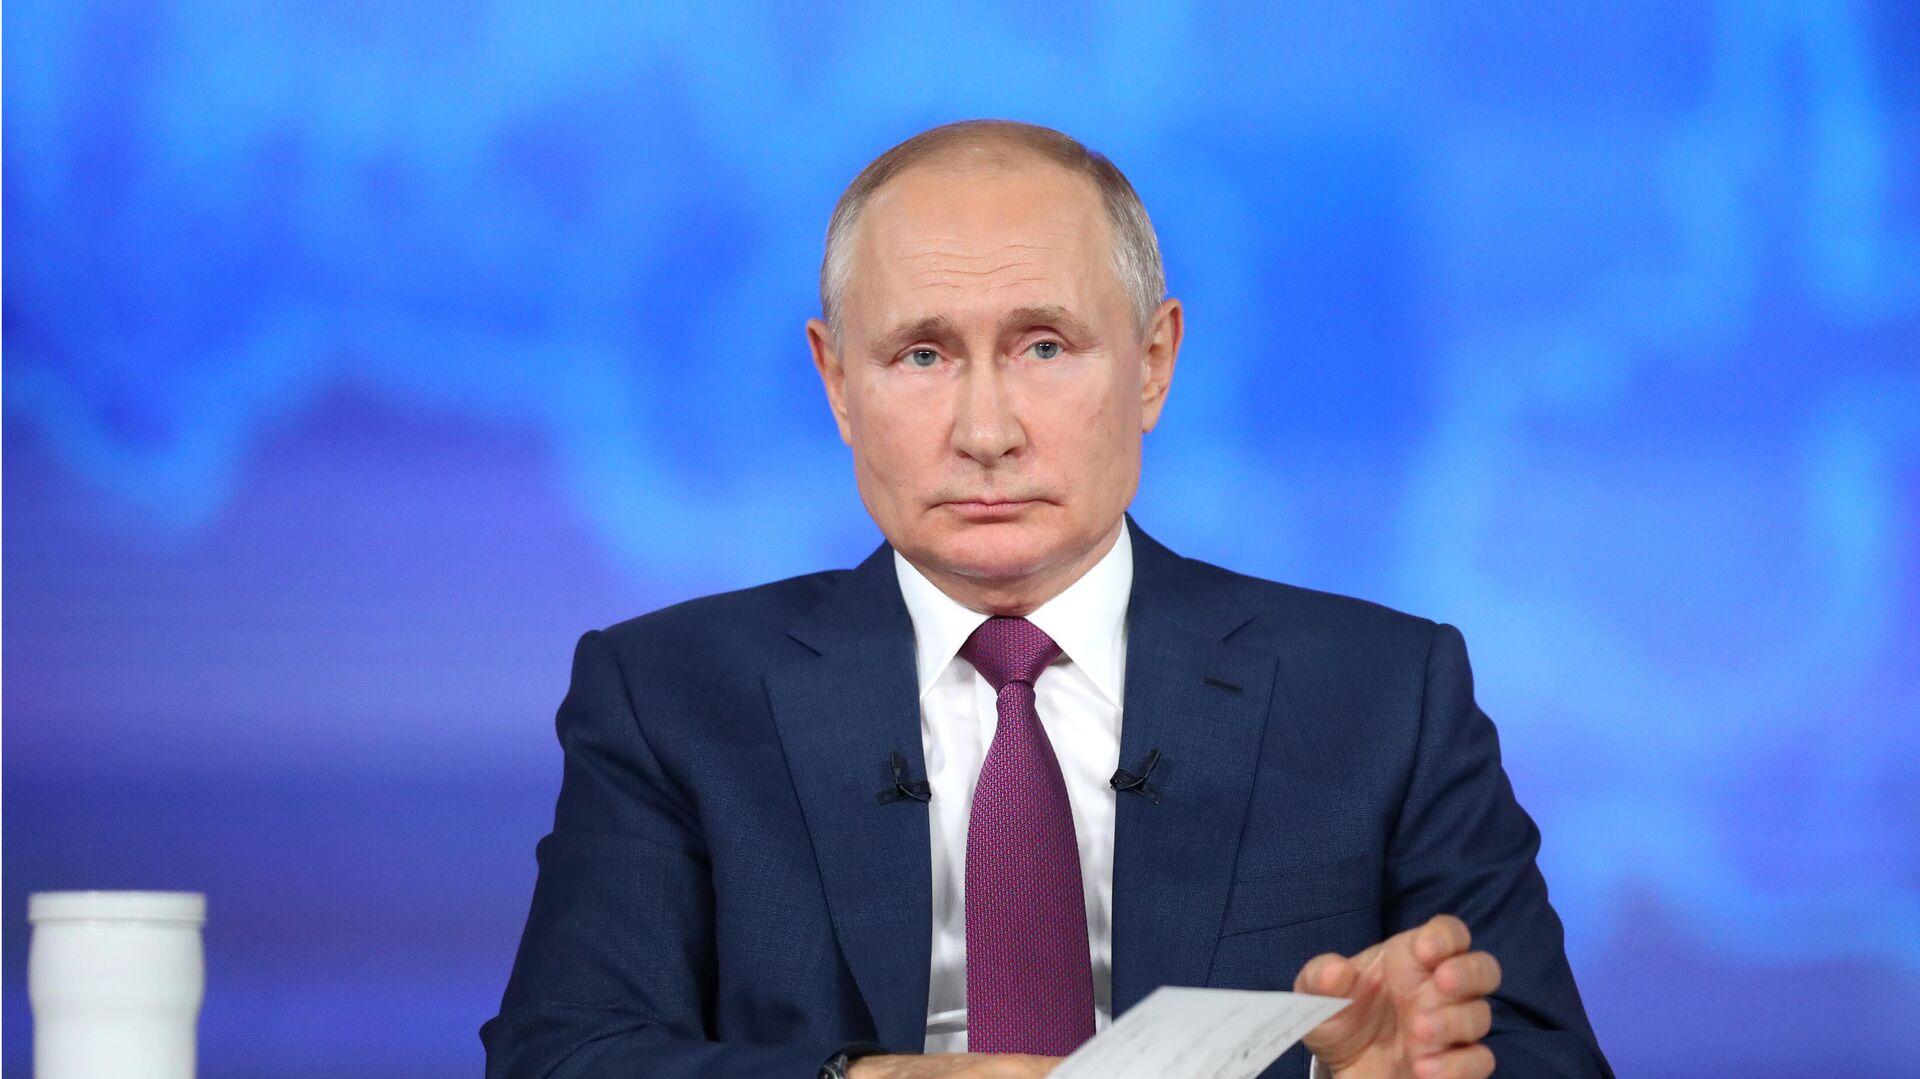 Президент РФ Владимир Путин отвечает на вопросы россиян во время ежегодной специальной программы Прямая линия с Владимиром Путиным - РИА Новости, 1920, 30.06.2021